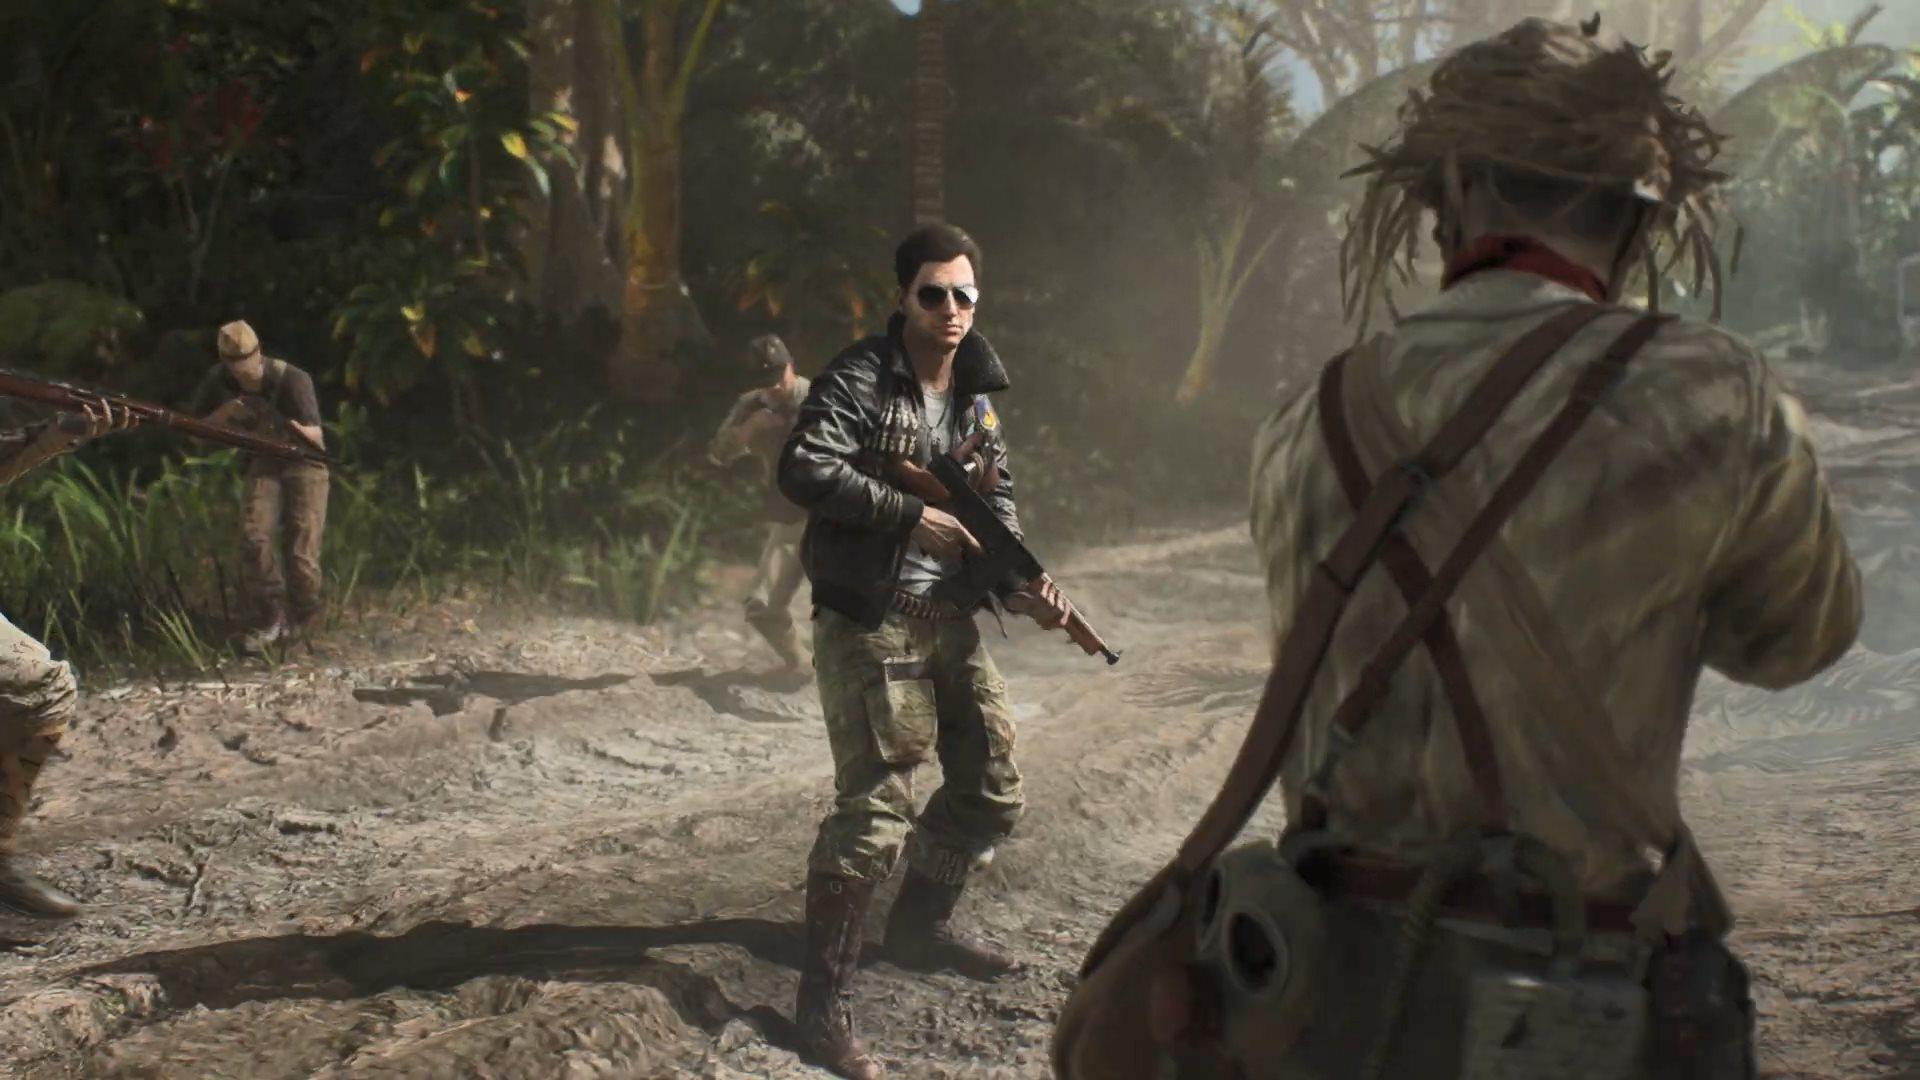 《战地5》全新精英角色:无畏飞行员史提夫‧費雪